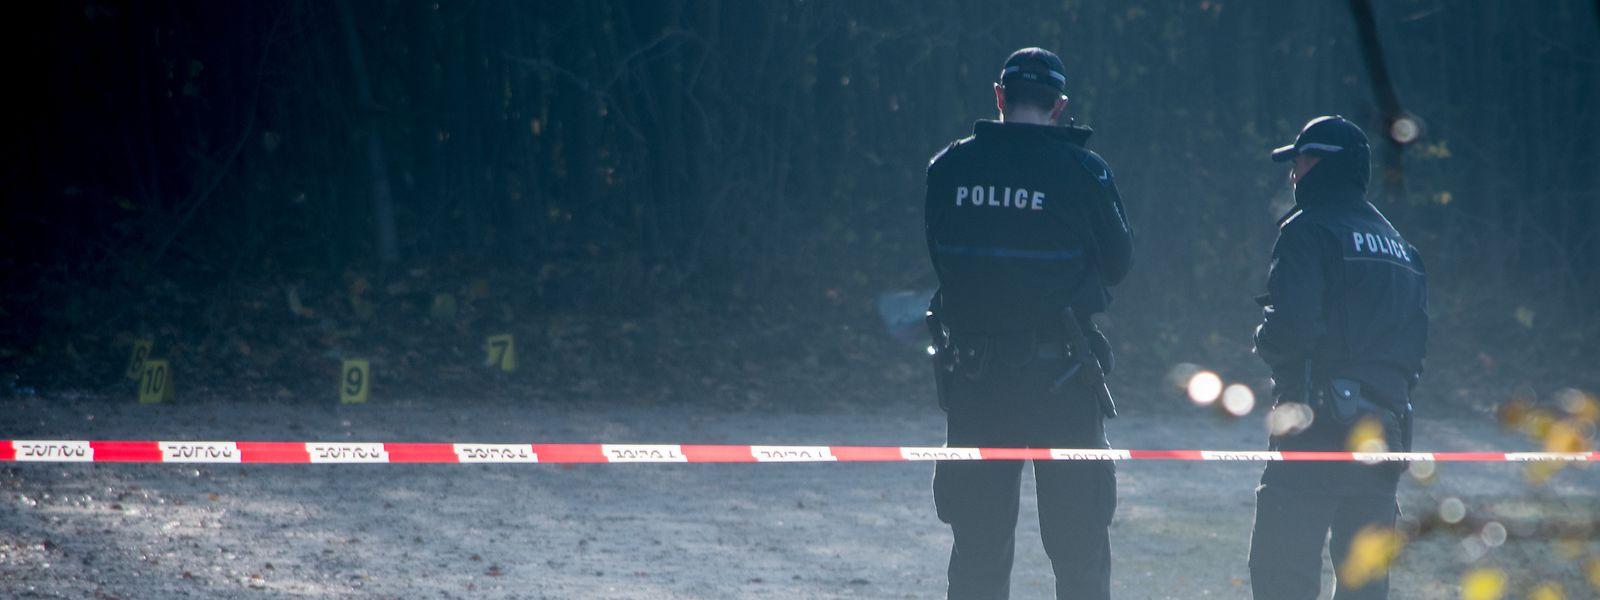 Der Leichnam von Florentina E. wurde in der Nacht zum 14. November 2016 am Waldparkplatz Fräiheetsbam in Strassen entdeckt.